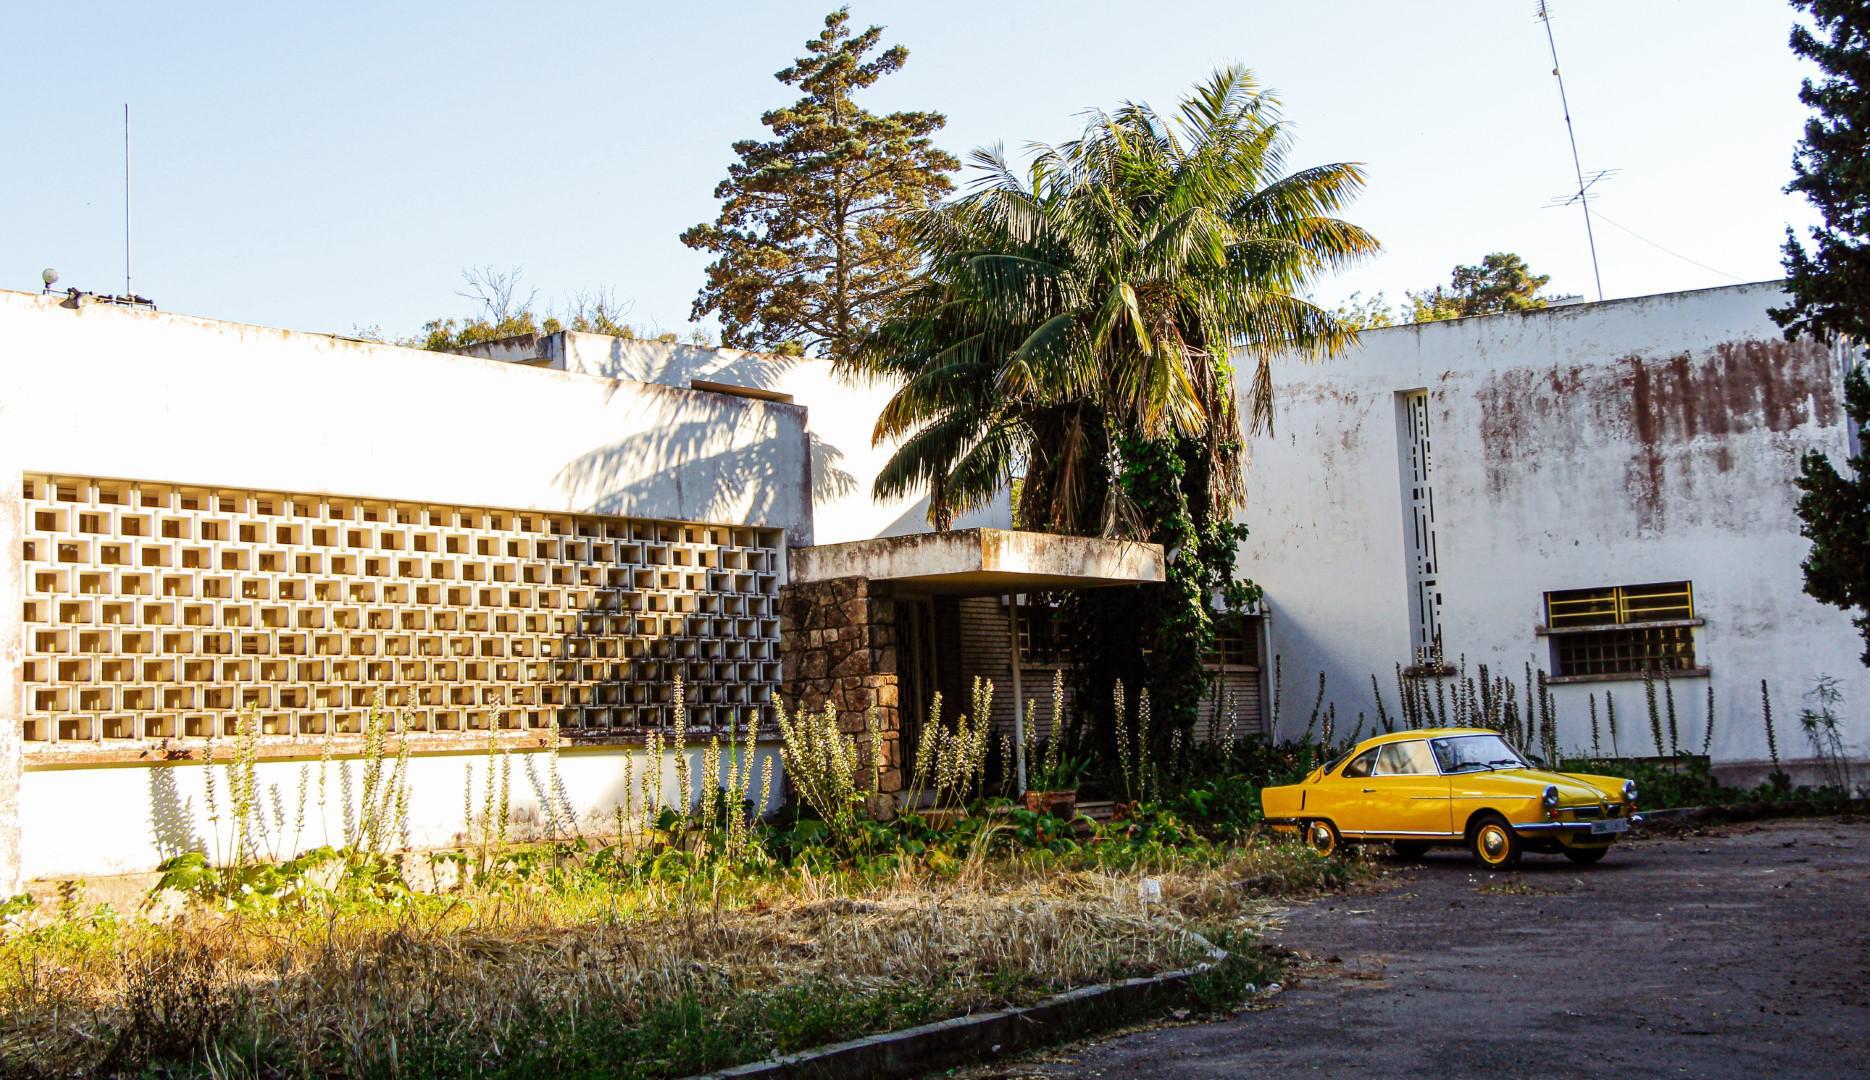 une-rare-nsu-au-maroc-1091-10.jpg